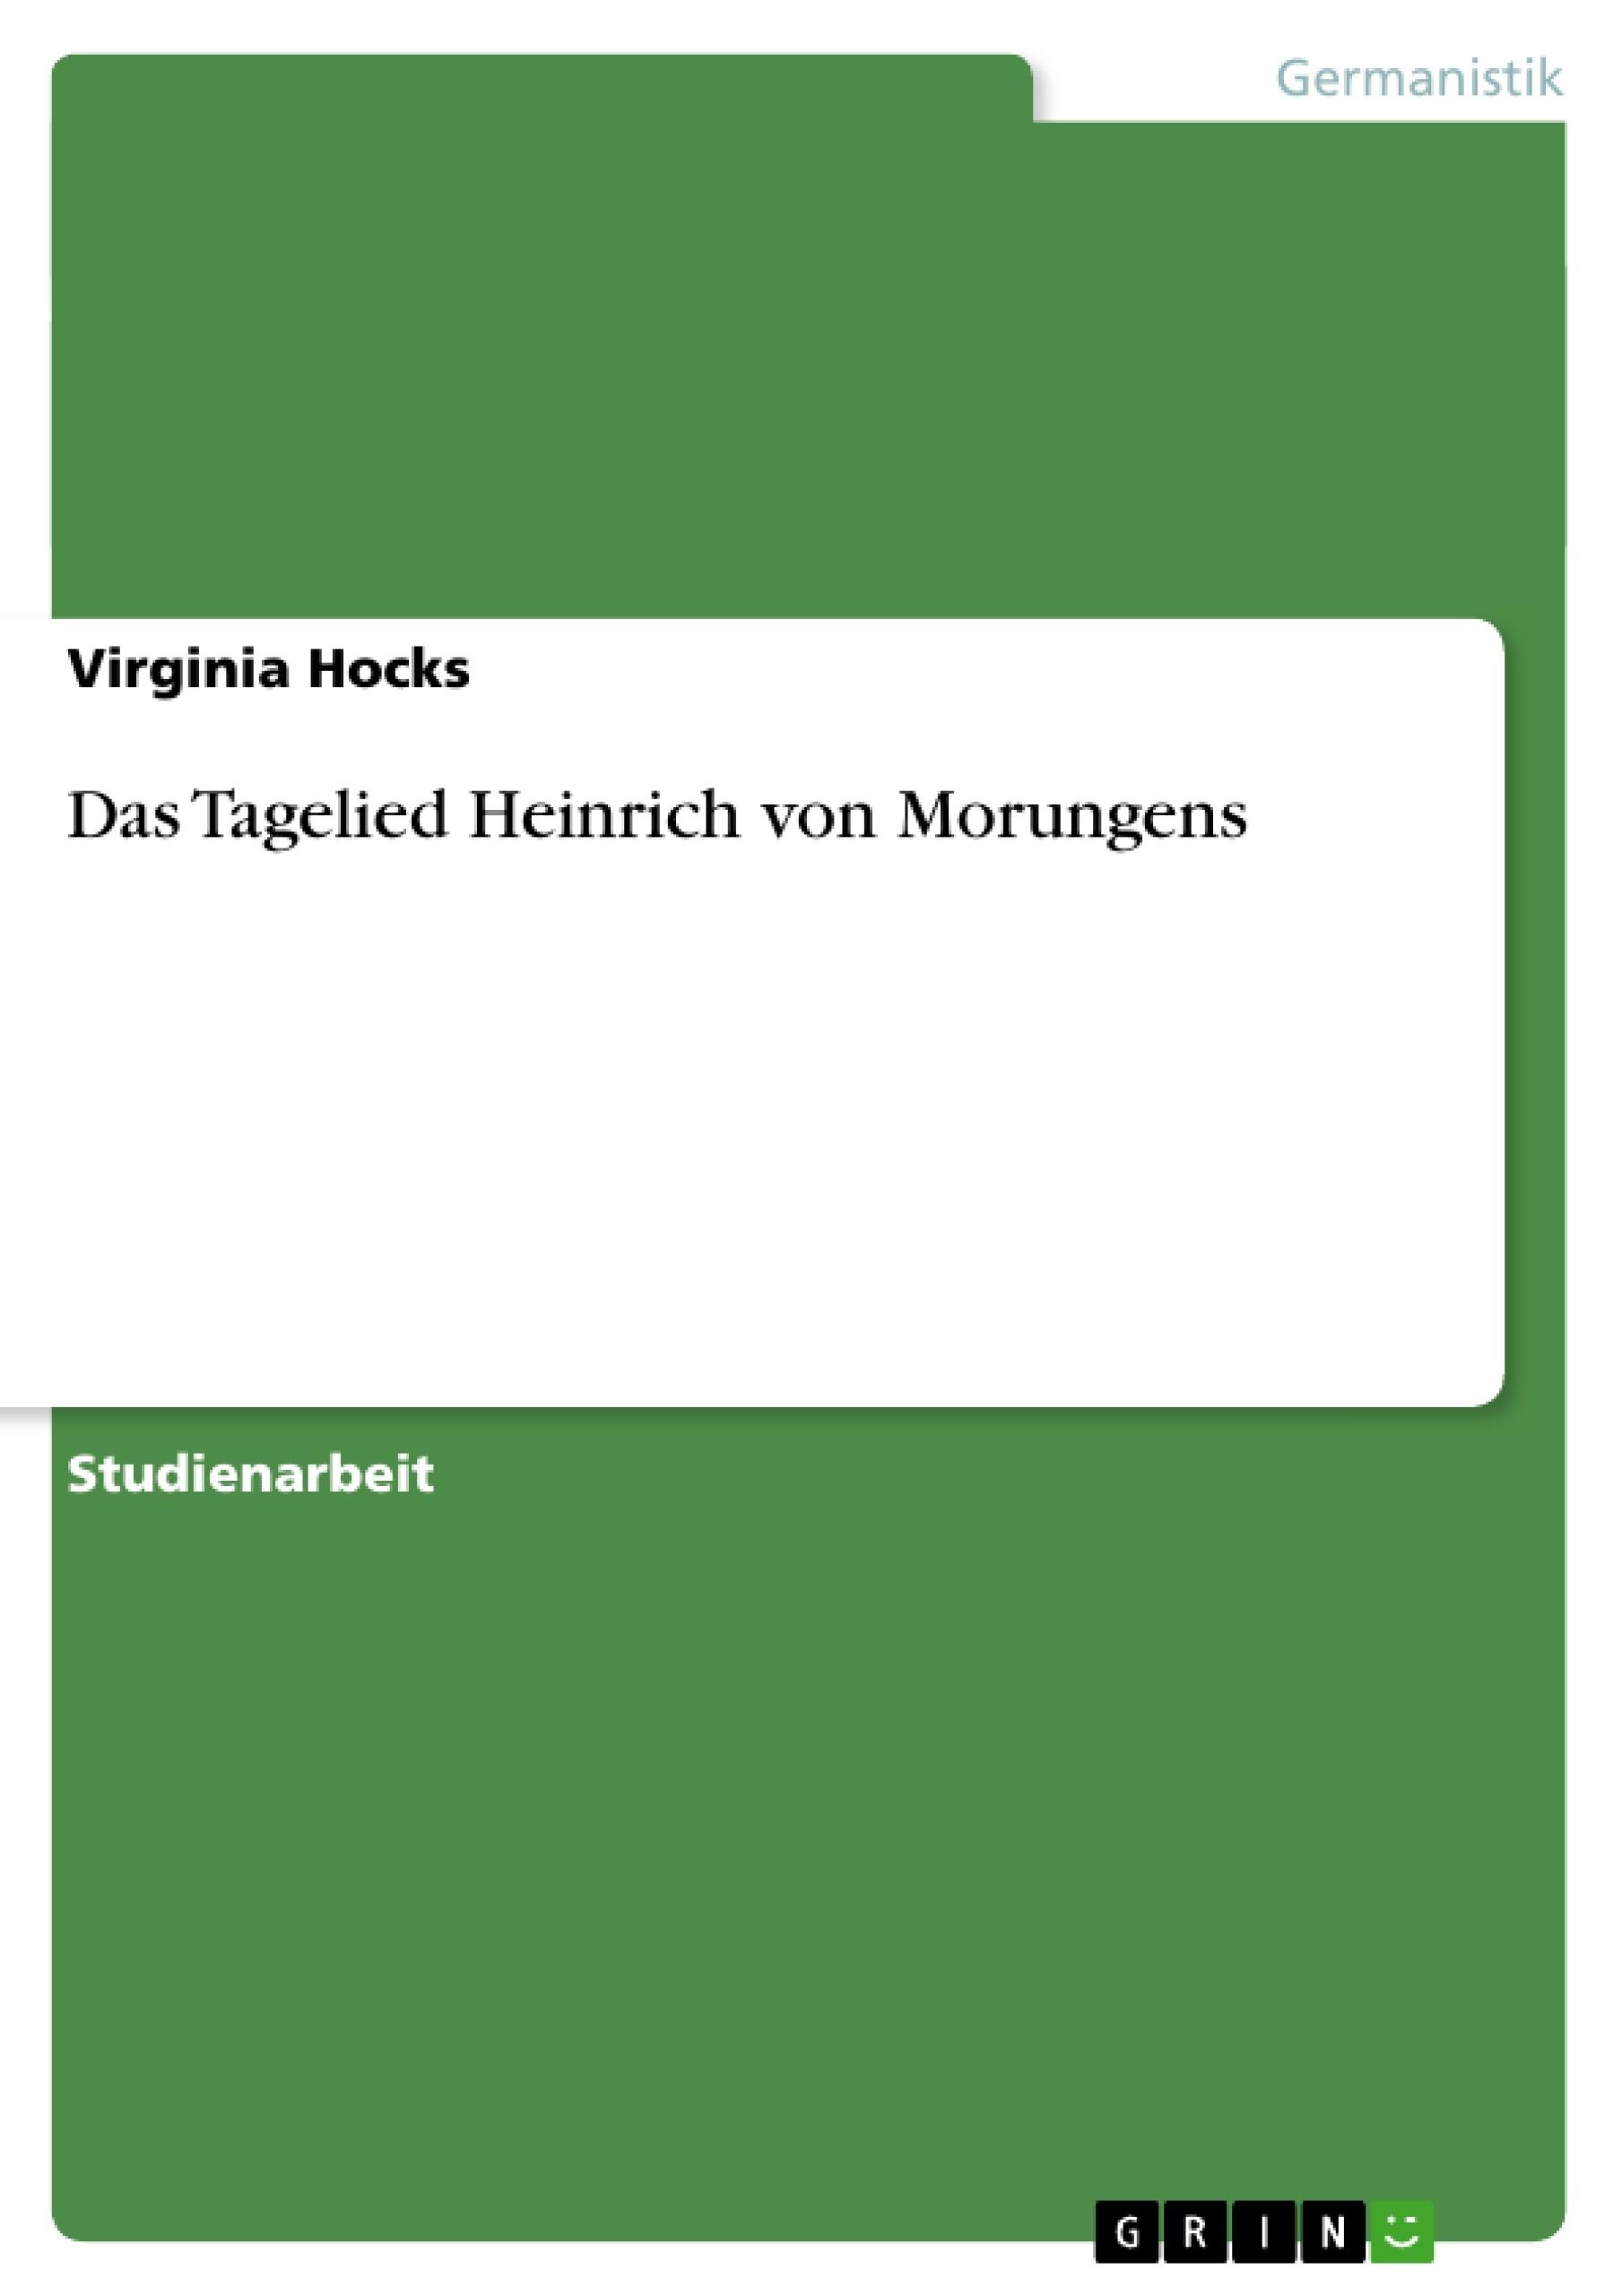 Titel: Das Tagelied Heinrich von Morungens